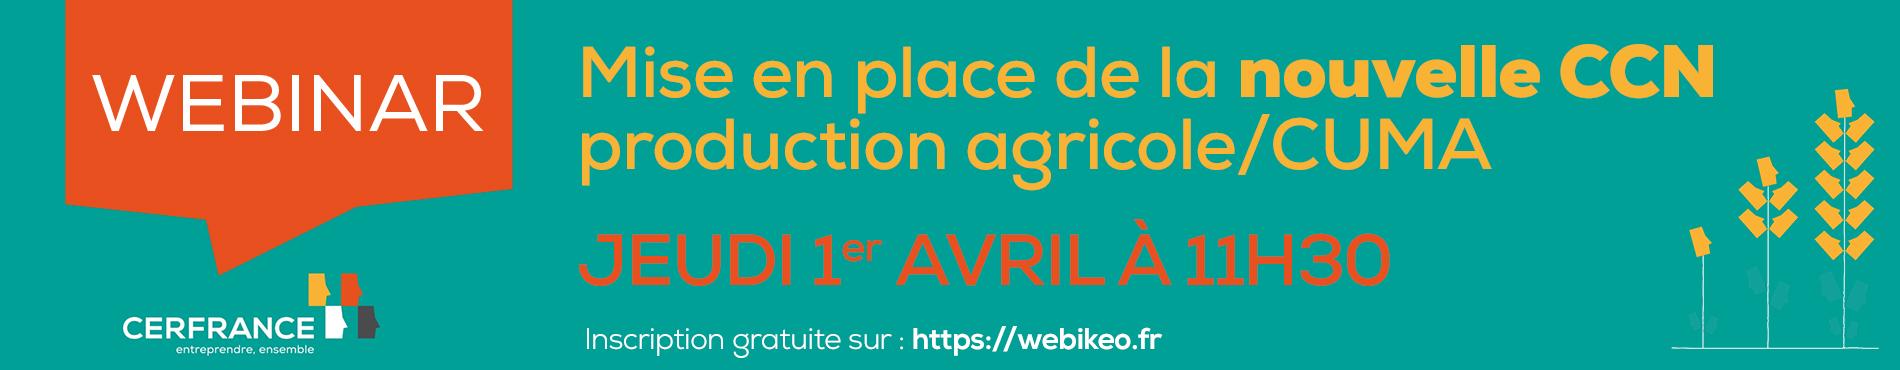 Avril 2021 : nouvelle CCN agricole